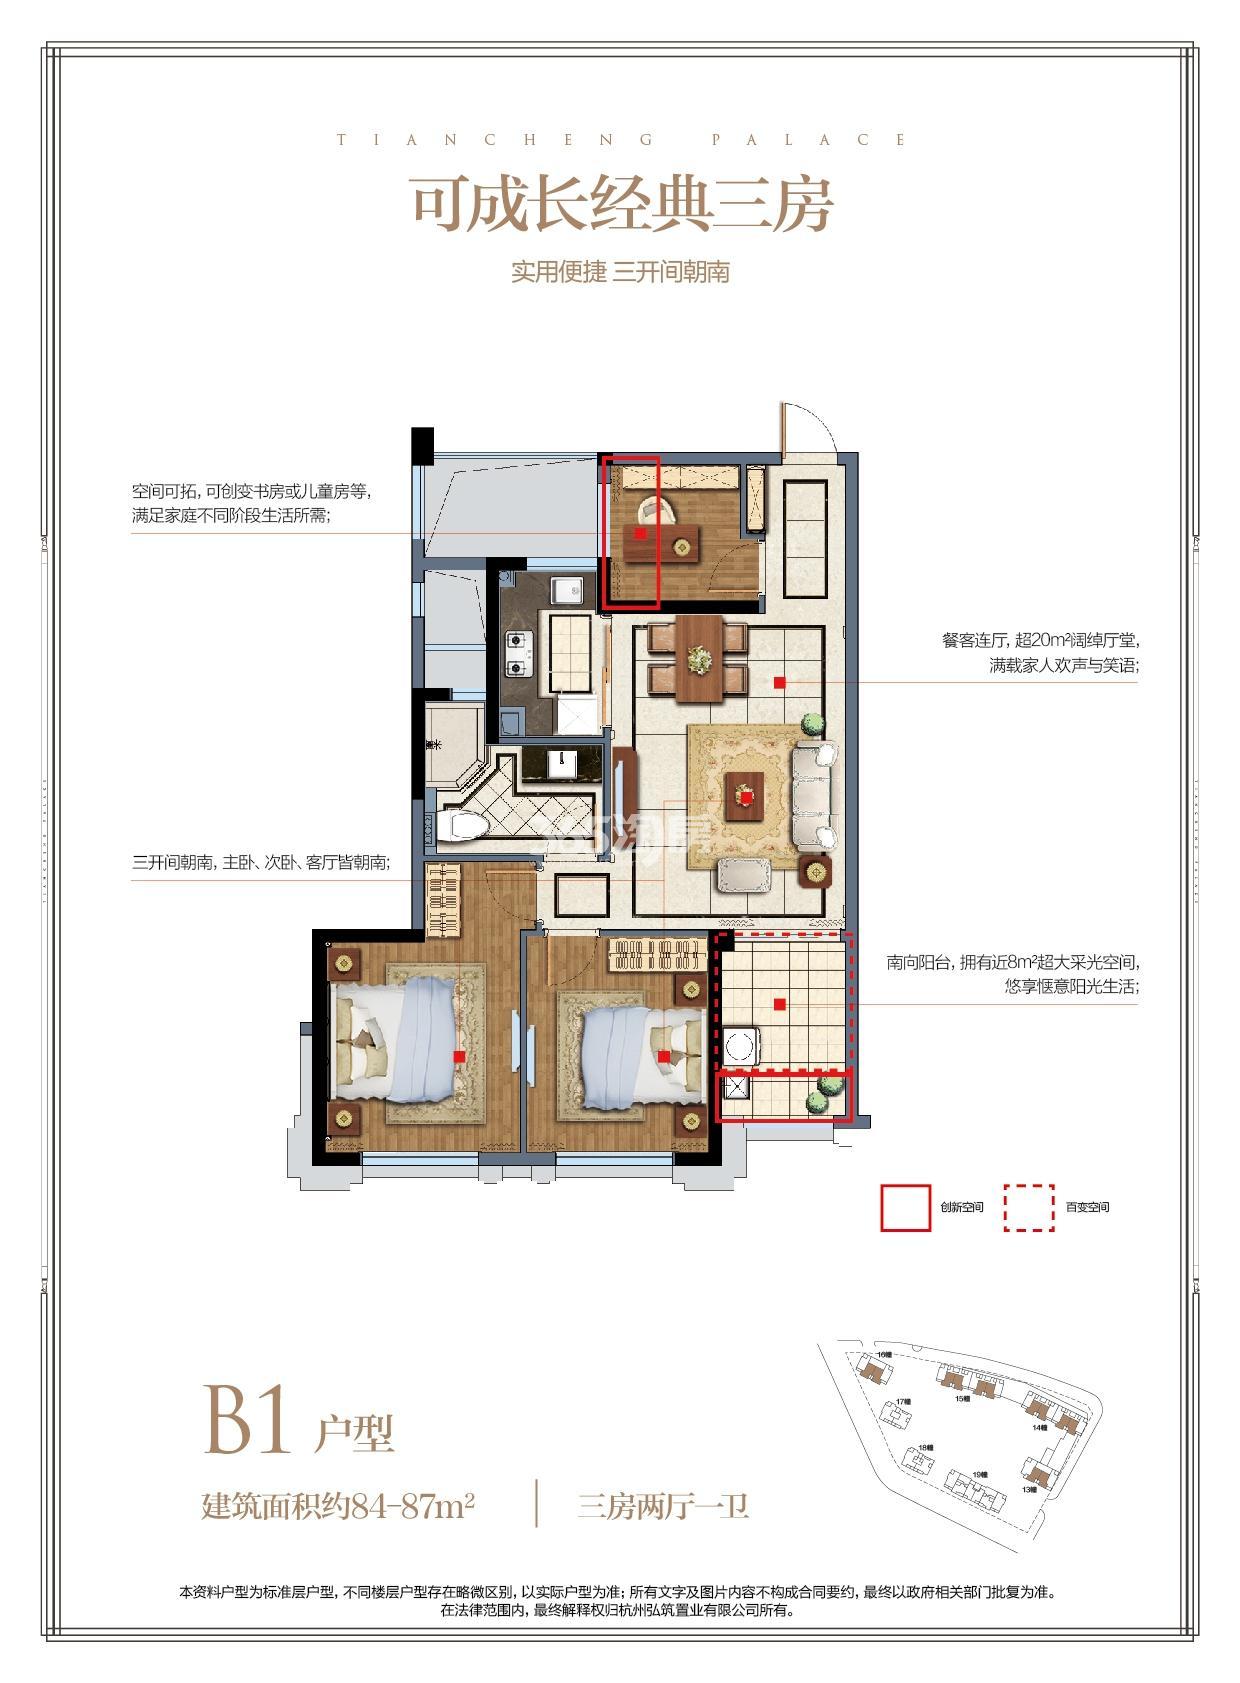 天城府B1户型图84-87方(10、13-15号楼)